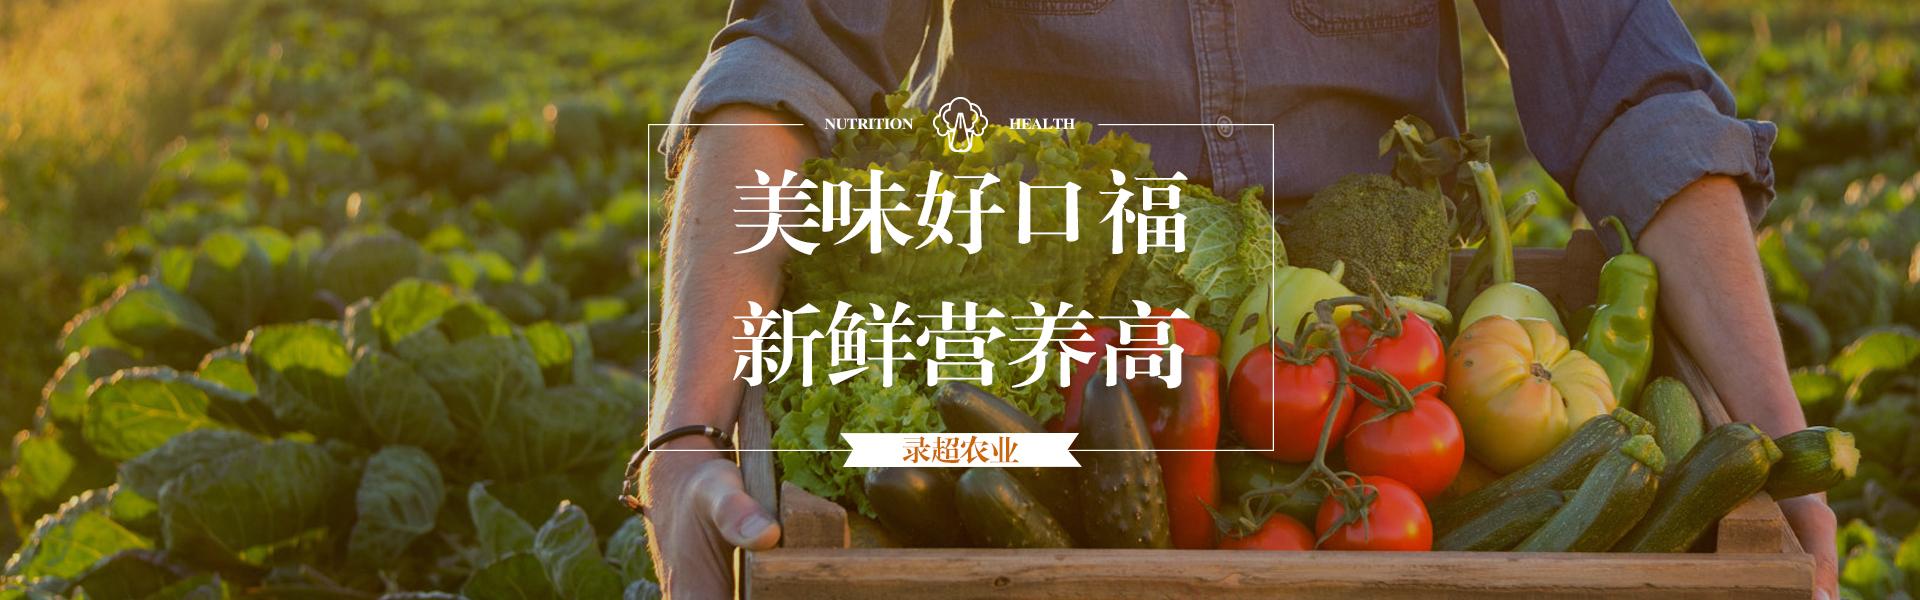 眉山新鲜蔬菜销售_新鲜批发商-成都市录超农业有限责任公司